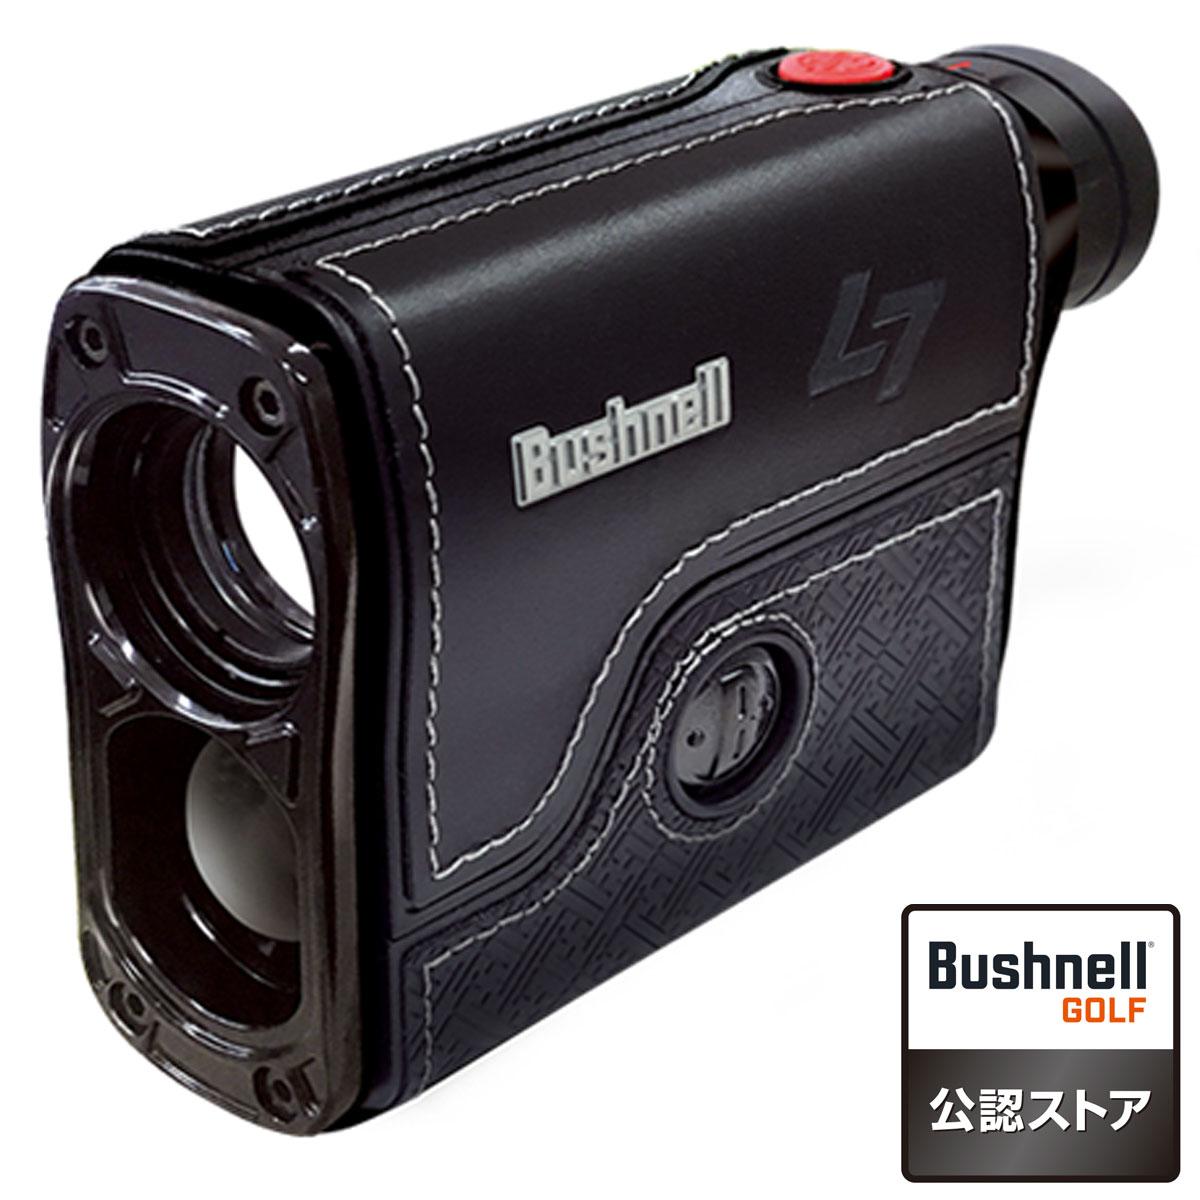 【【最大3300円OFFクーポン】】Bushnell(ブッシュネル) ゴルフ用レーザー距離計 ピンシーカースロープL7ジョルト 2019モデル 【あす楽対応】